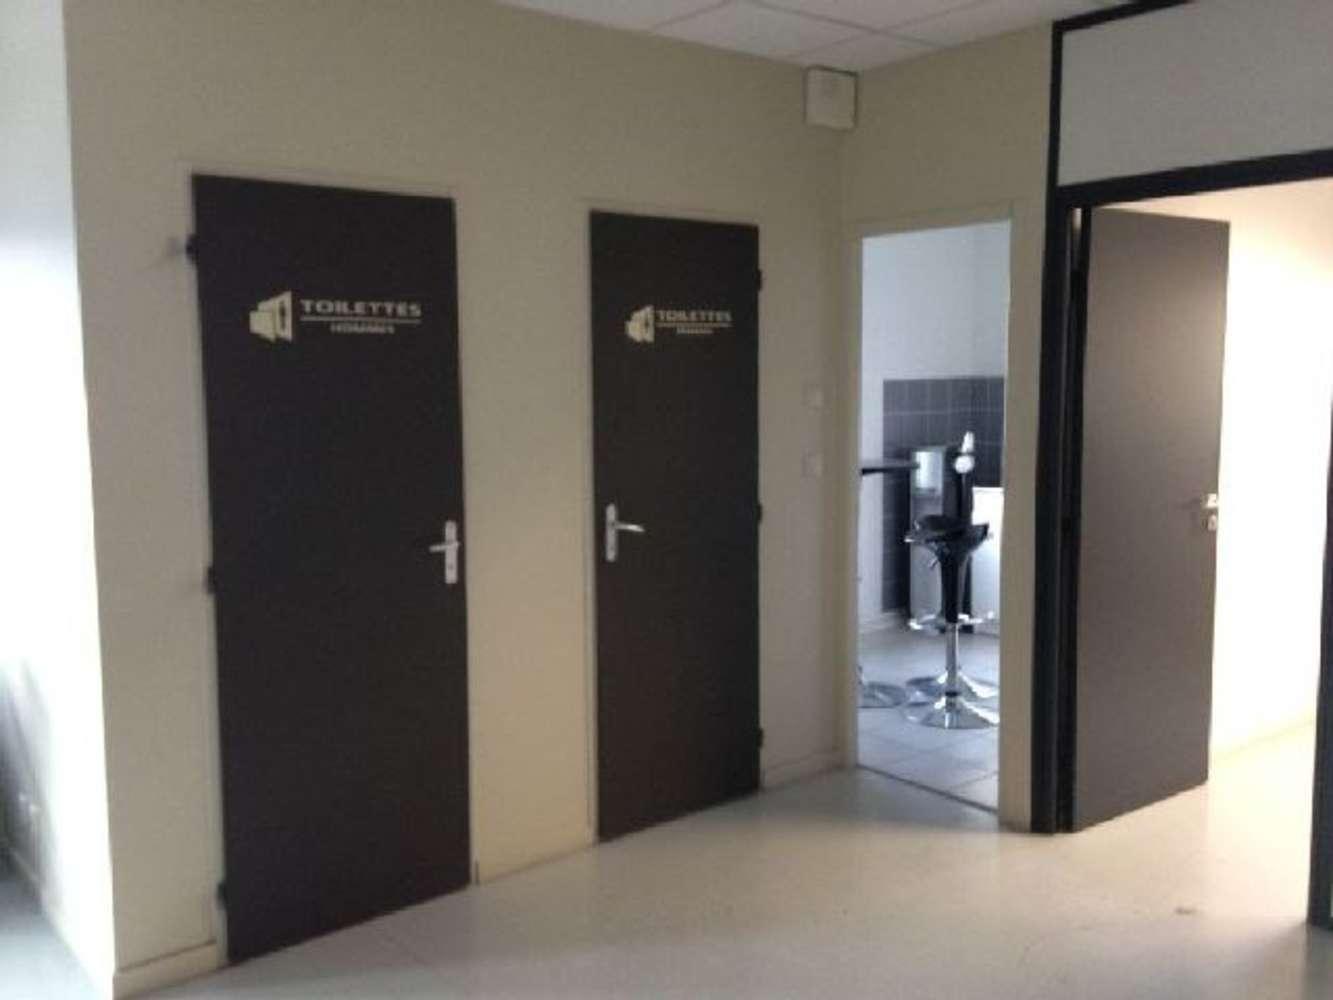 Activités/entrepôt Villefranche sur saone, 69400 - Location entrepot Lyon (mixte) - 9458145